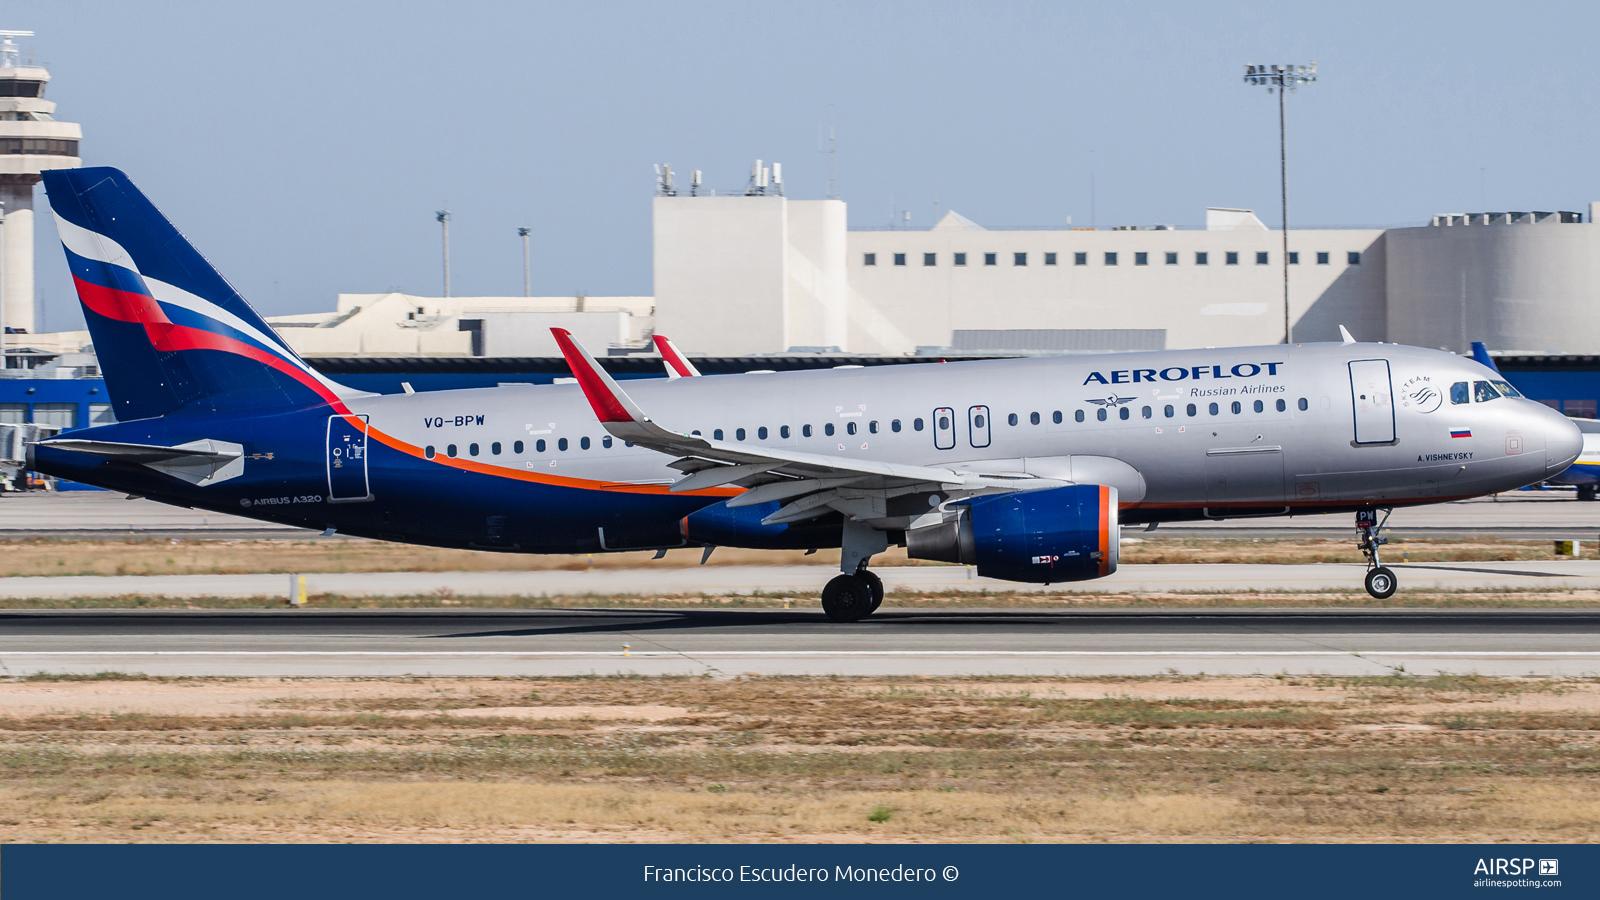 Aeroflot  Airbus A320  VQ-BPW